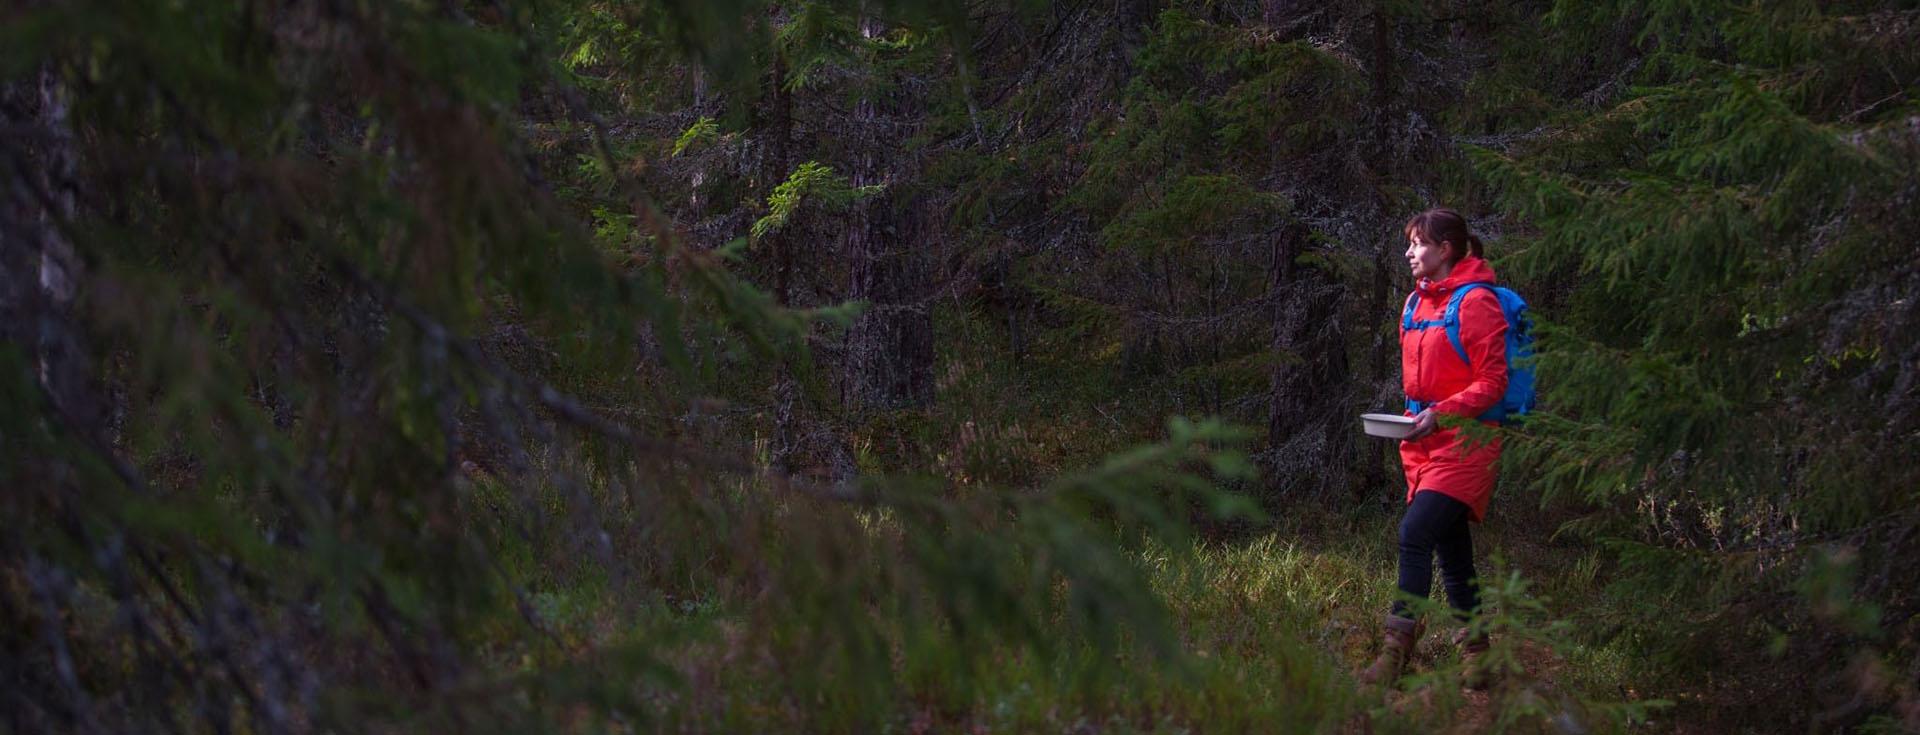 Nainen kävelee metsässä keräämässä marjoja.